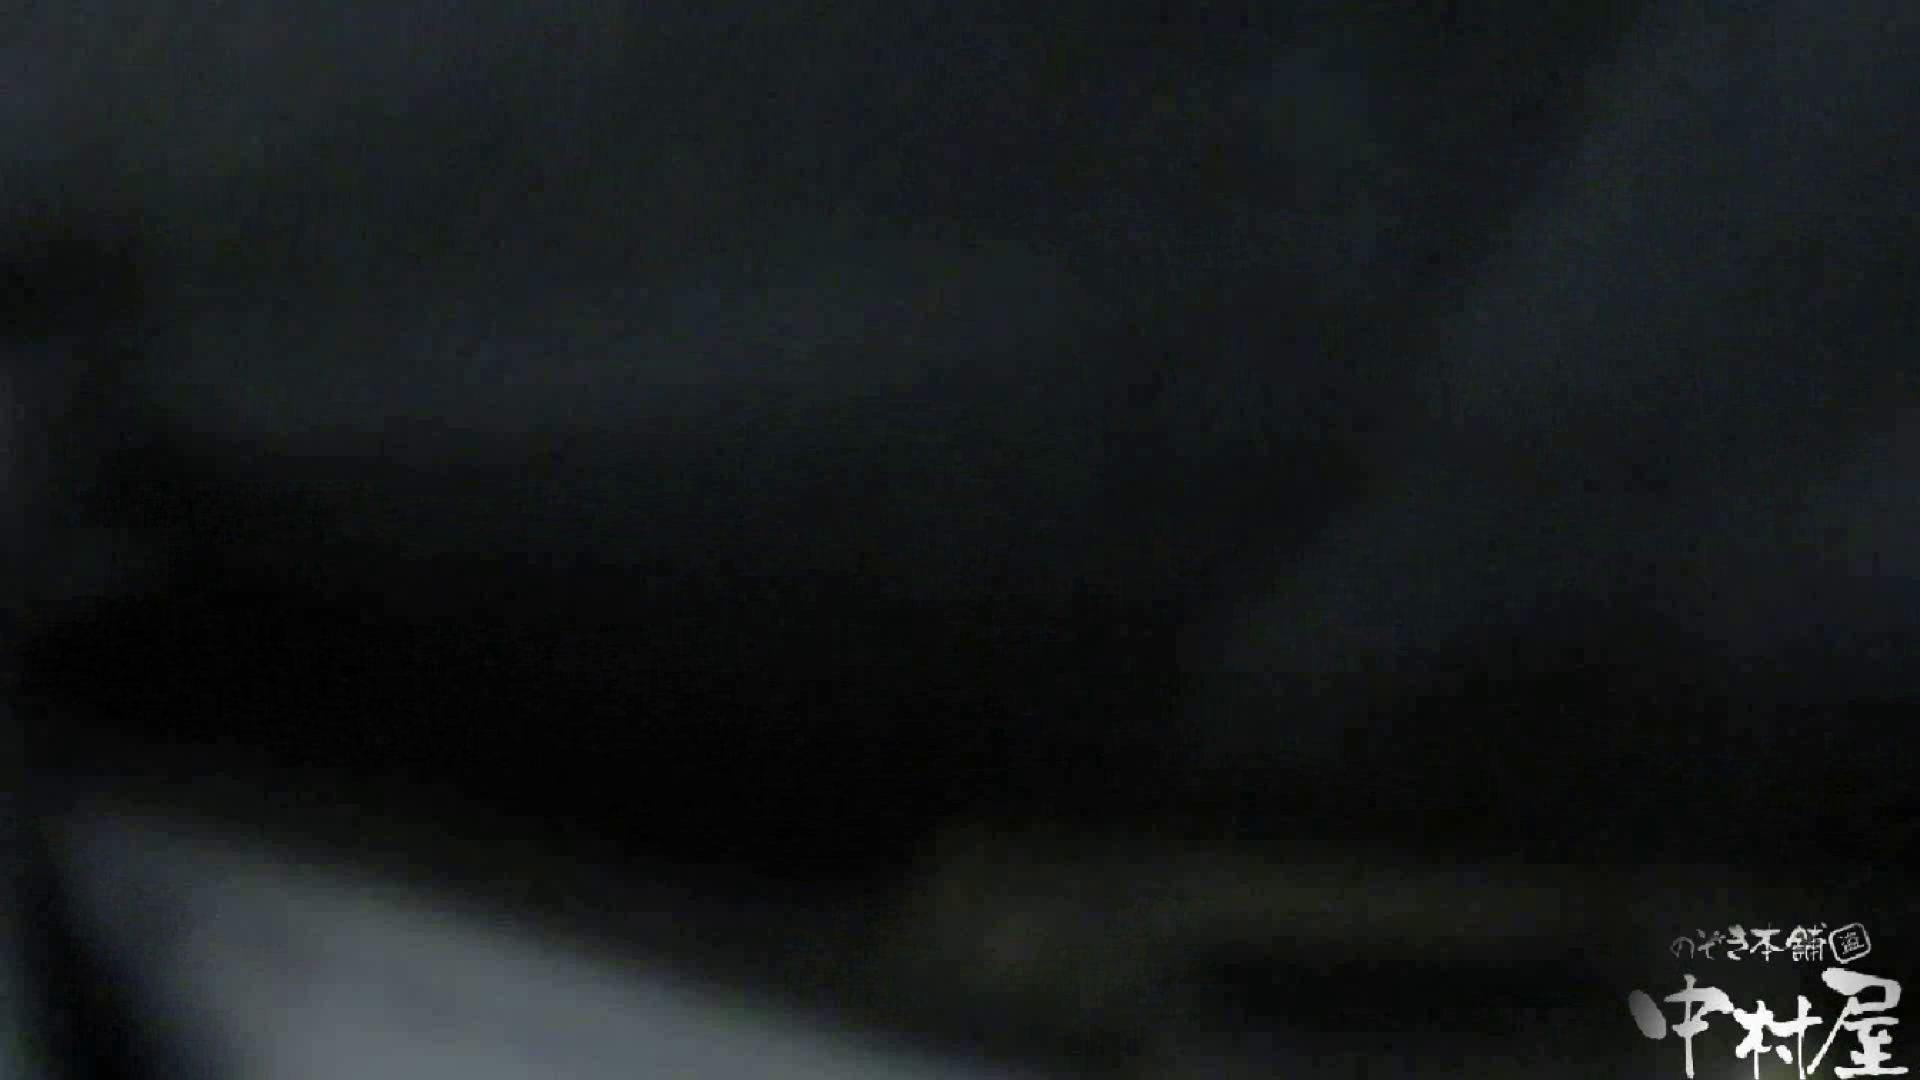 魂のかわや盗撮62連発! 丁寧にオシリをフキフキ! 38発目! 盗撮 | リアル黄金水  71画像 45